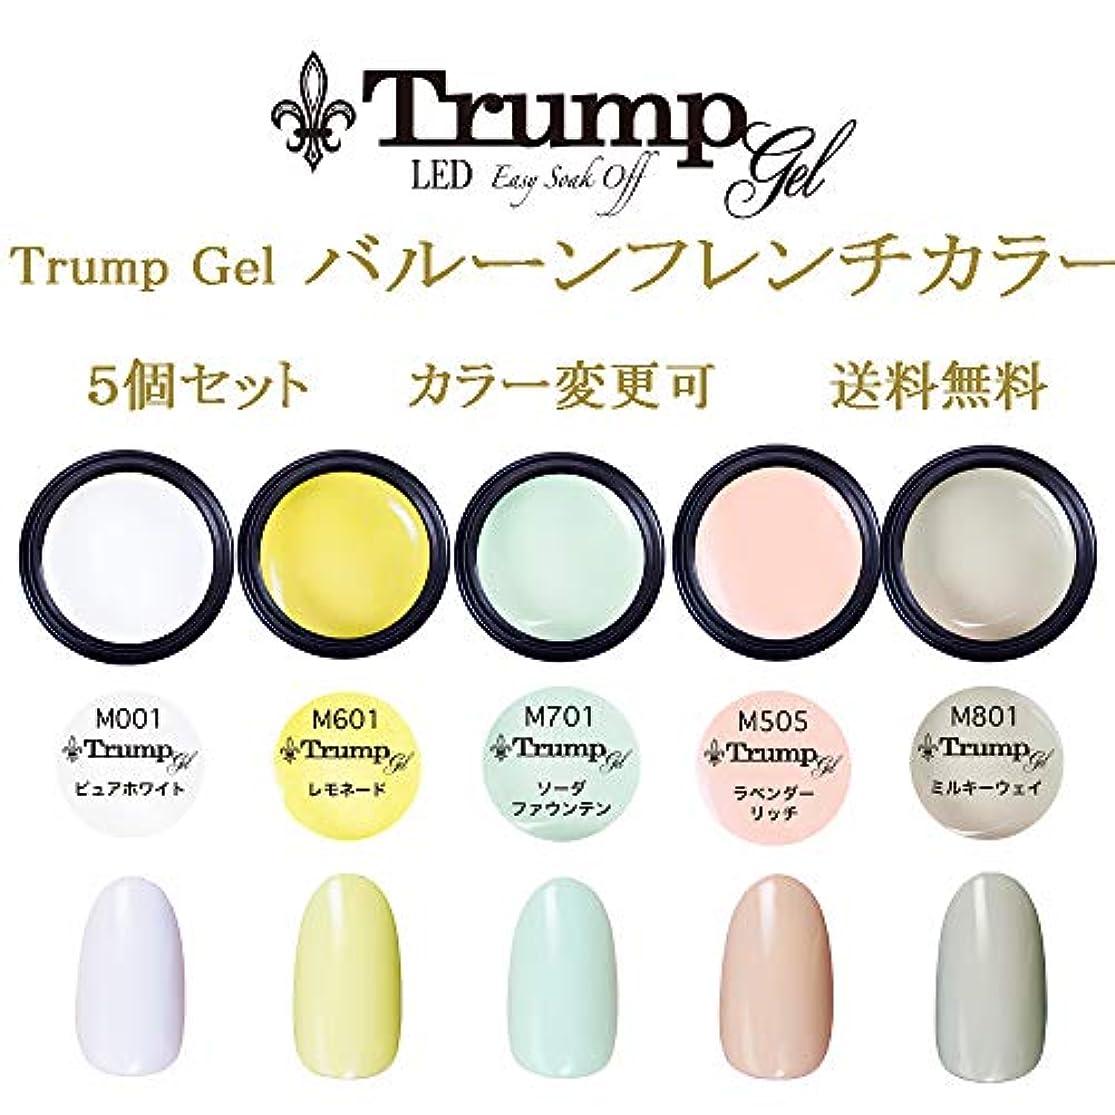 散らす目の前の小道【送料無料】Trumpバルーンフレンチカラー 選べるカラージェル5個セット